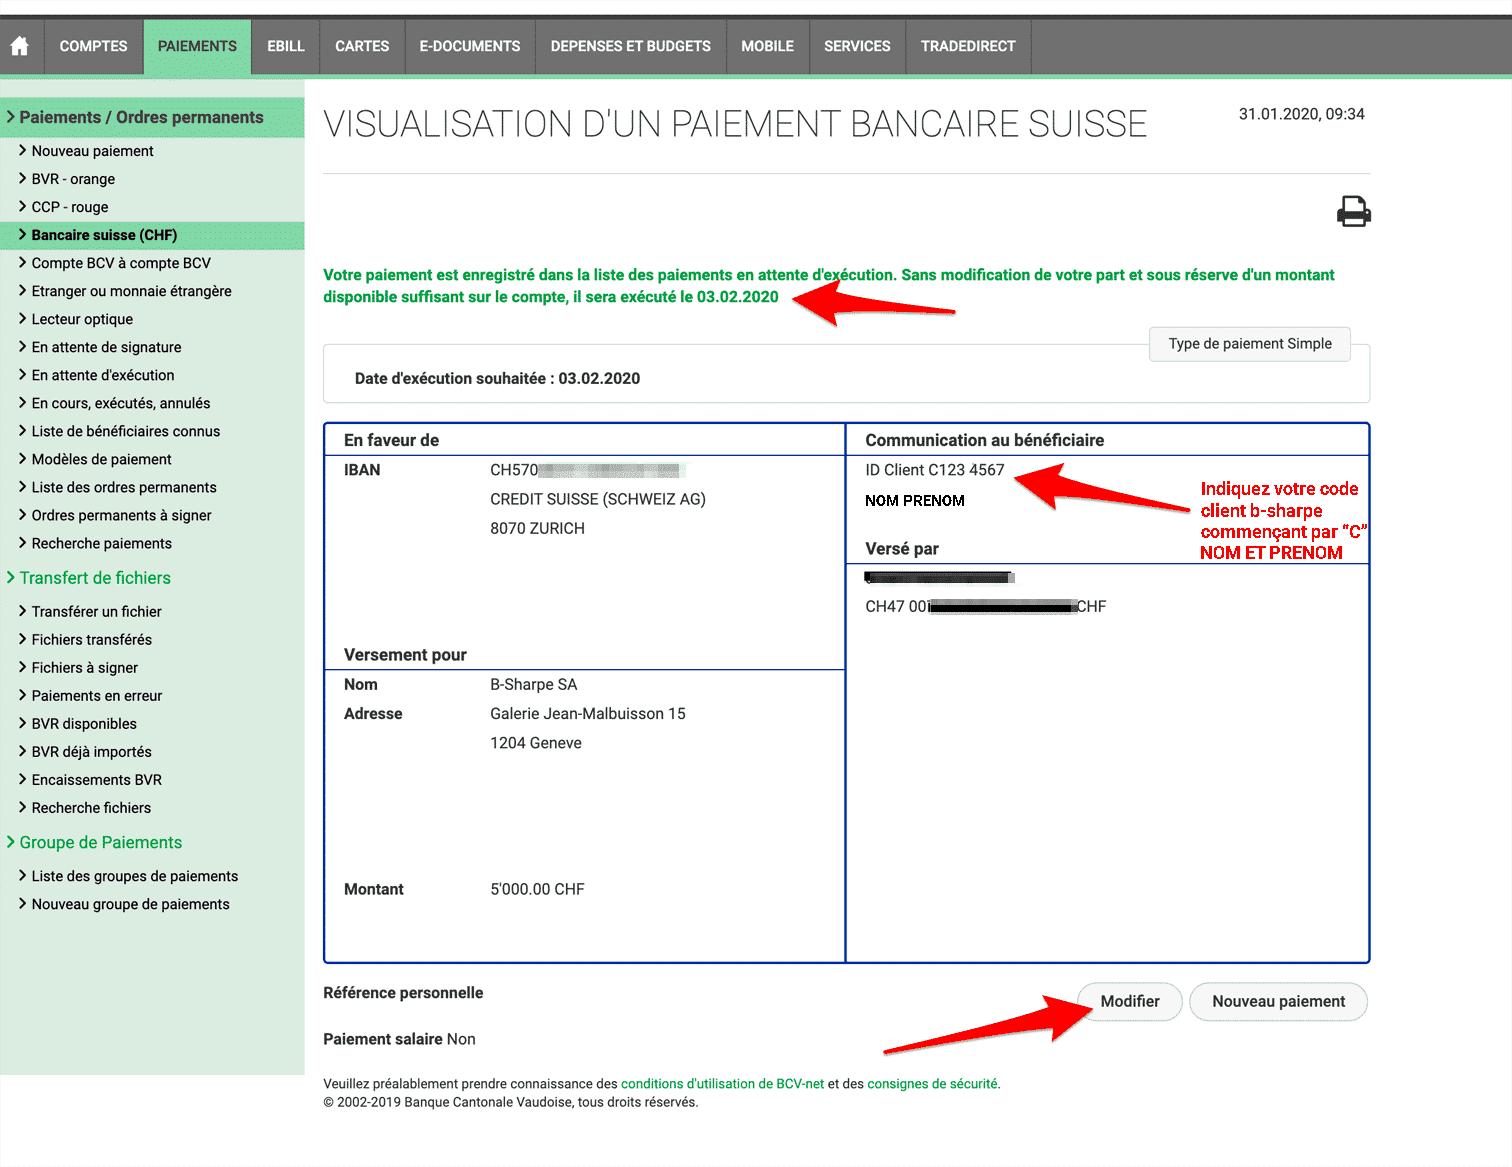 Comment effectuer un paiement bancaire simple avec BCV-net